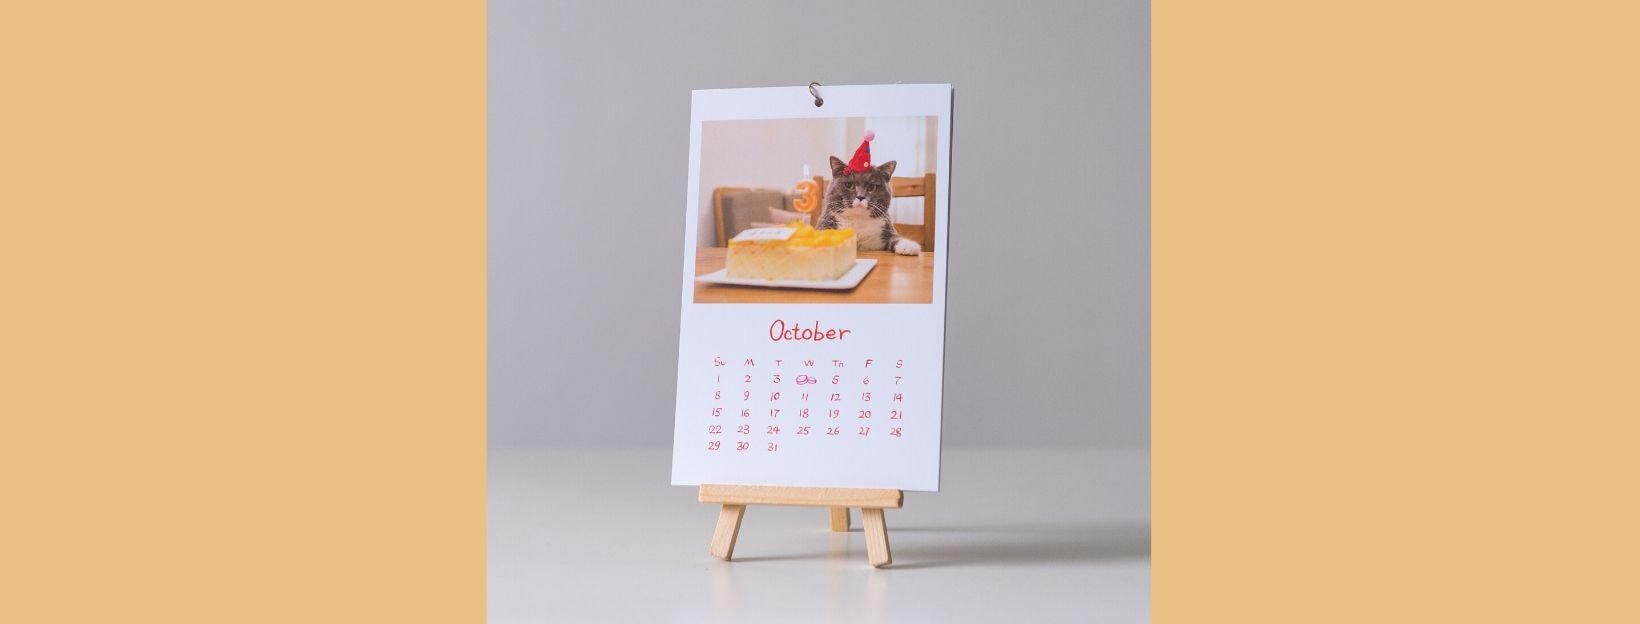 Fotokalender selbst gestalten, zum Beispiel mit Fotos vom Haustier wie hier